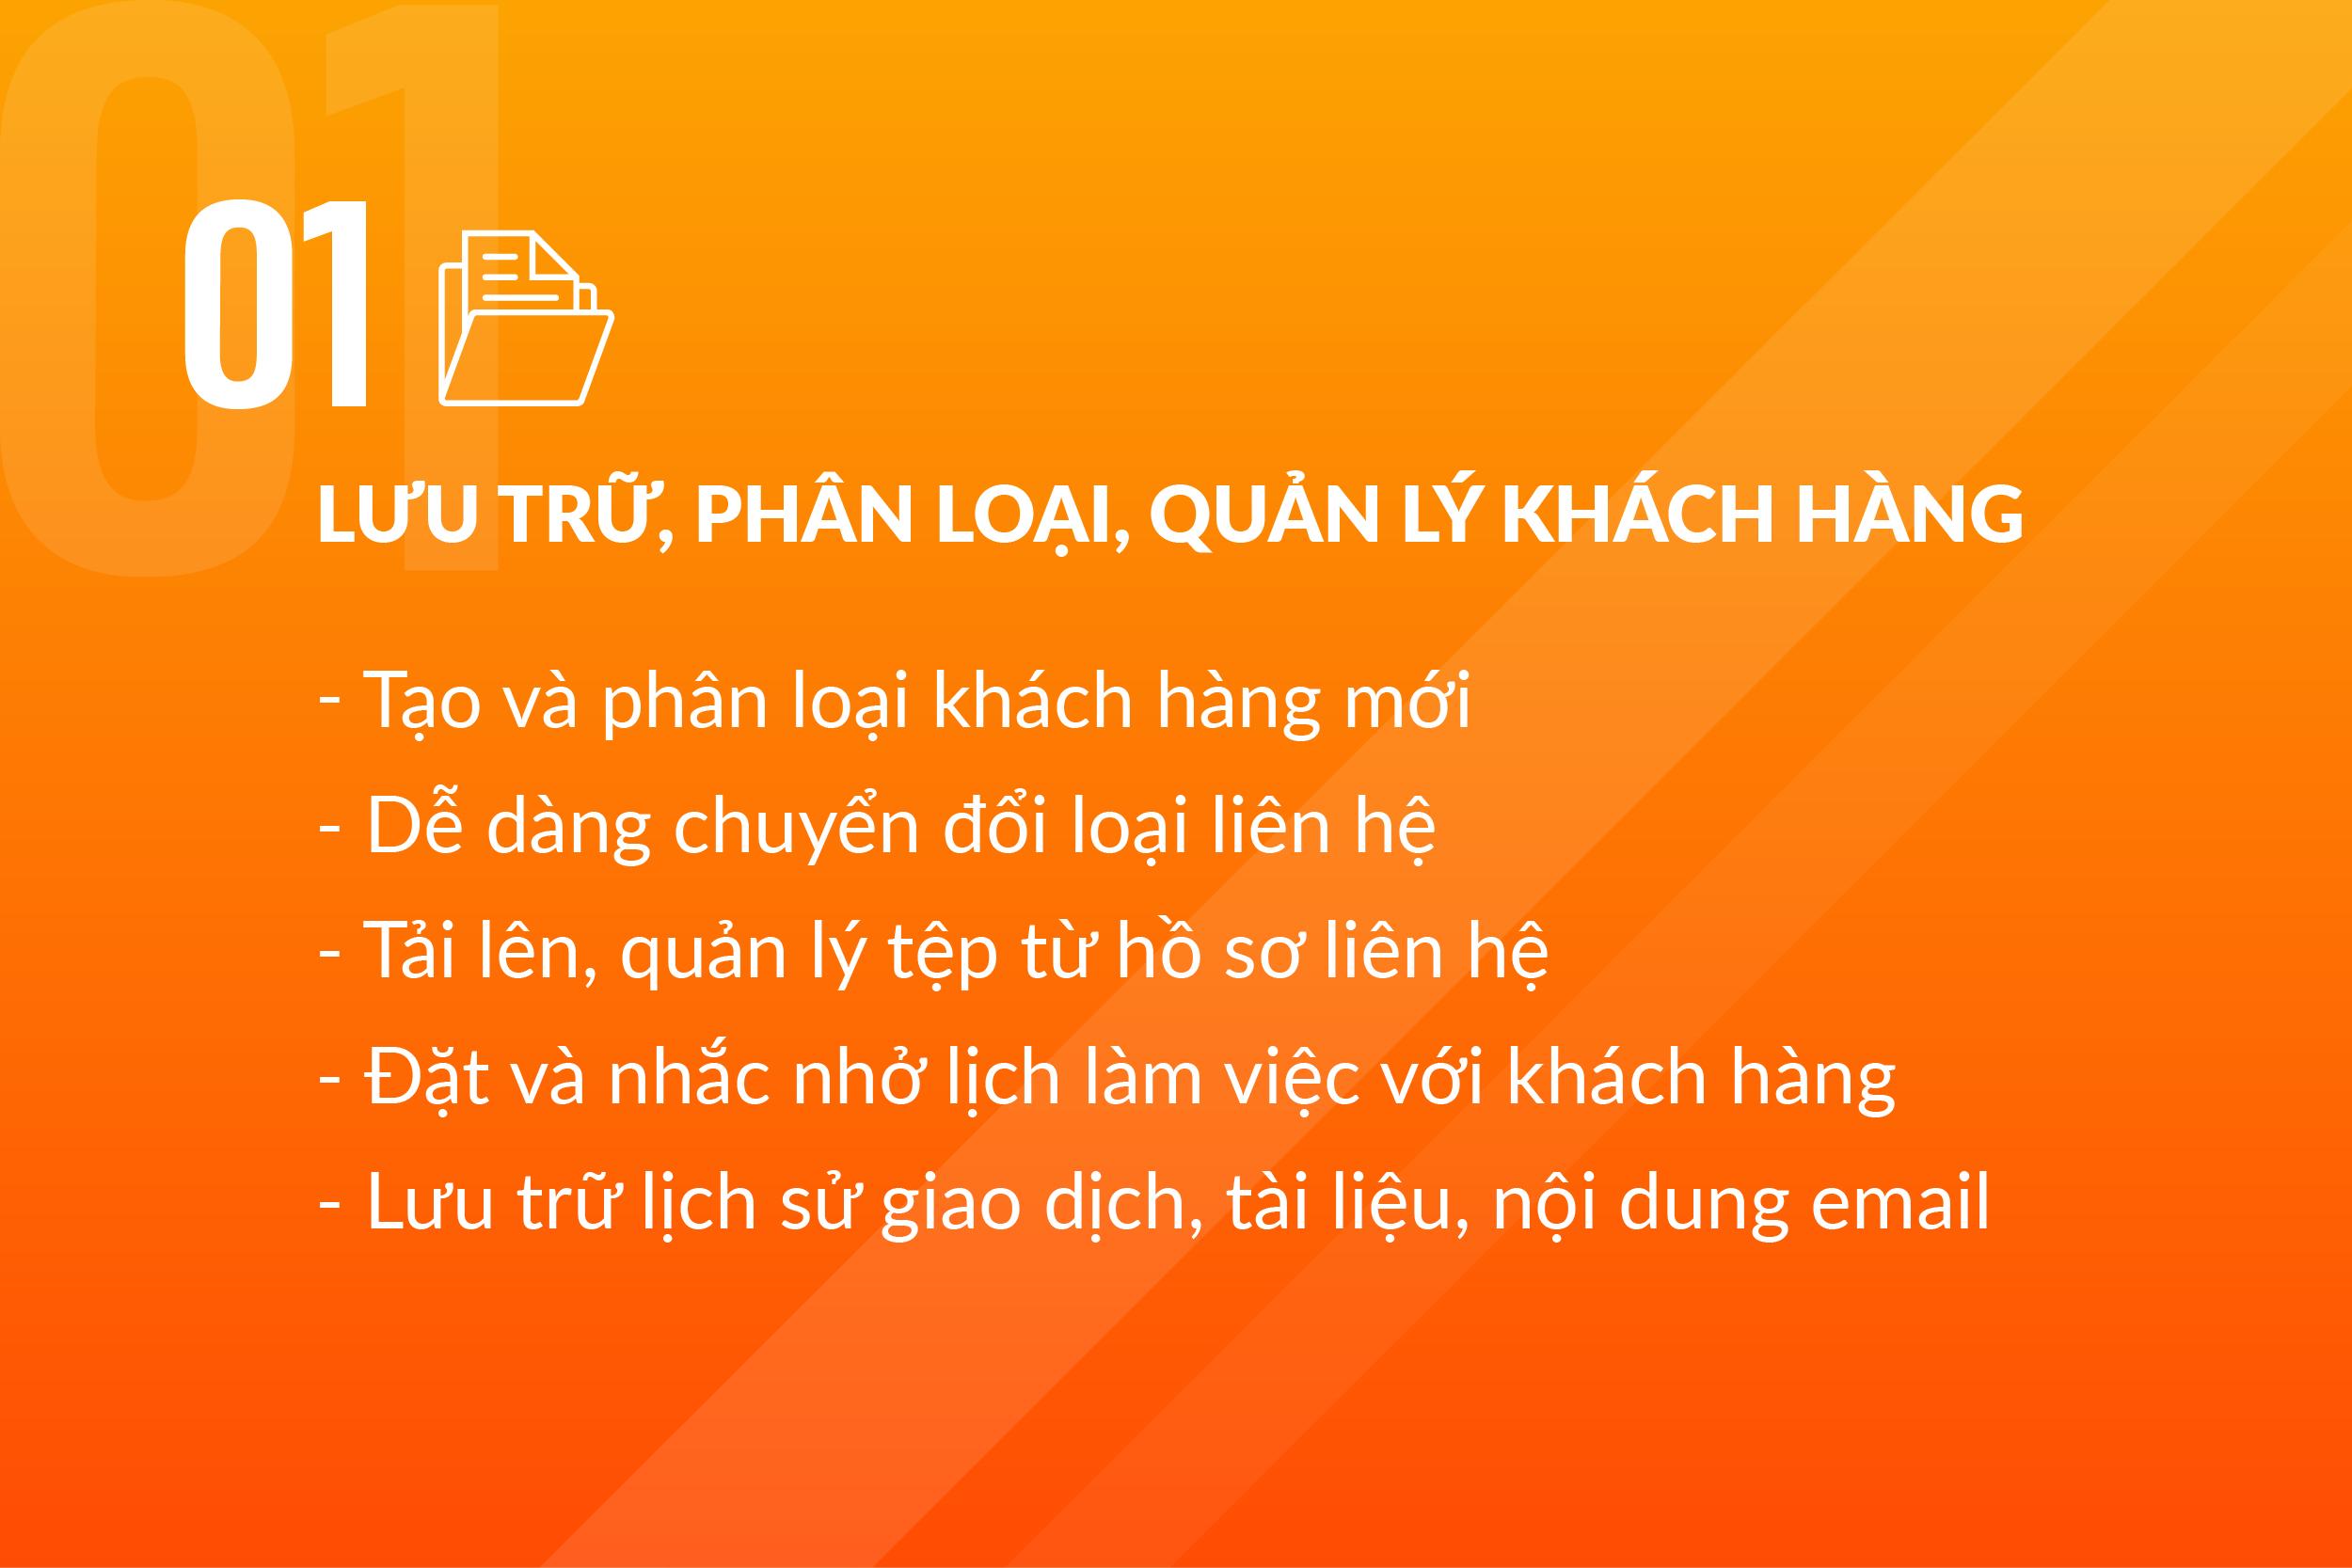 luu-tru-va-quan-ly-khach-hang